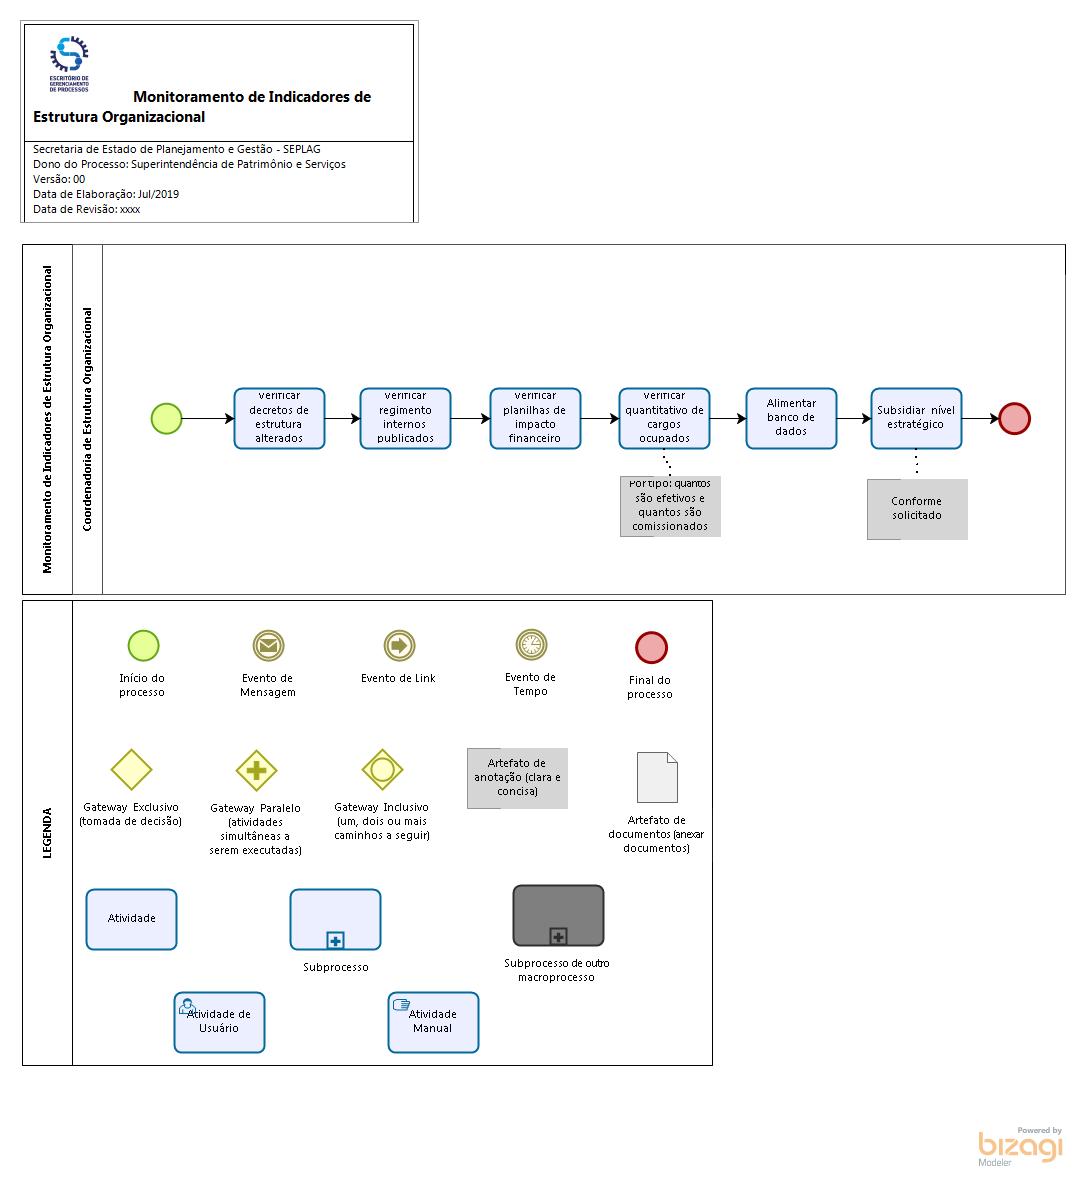 Monitoramento de Indicadores de Estrutura Organizacional